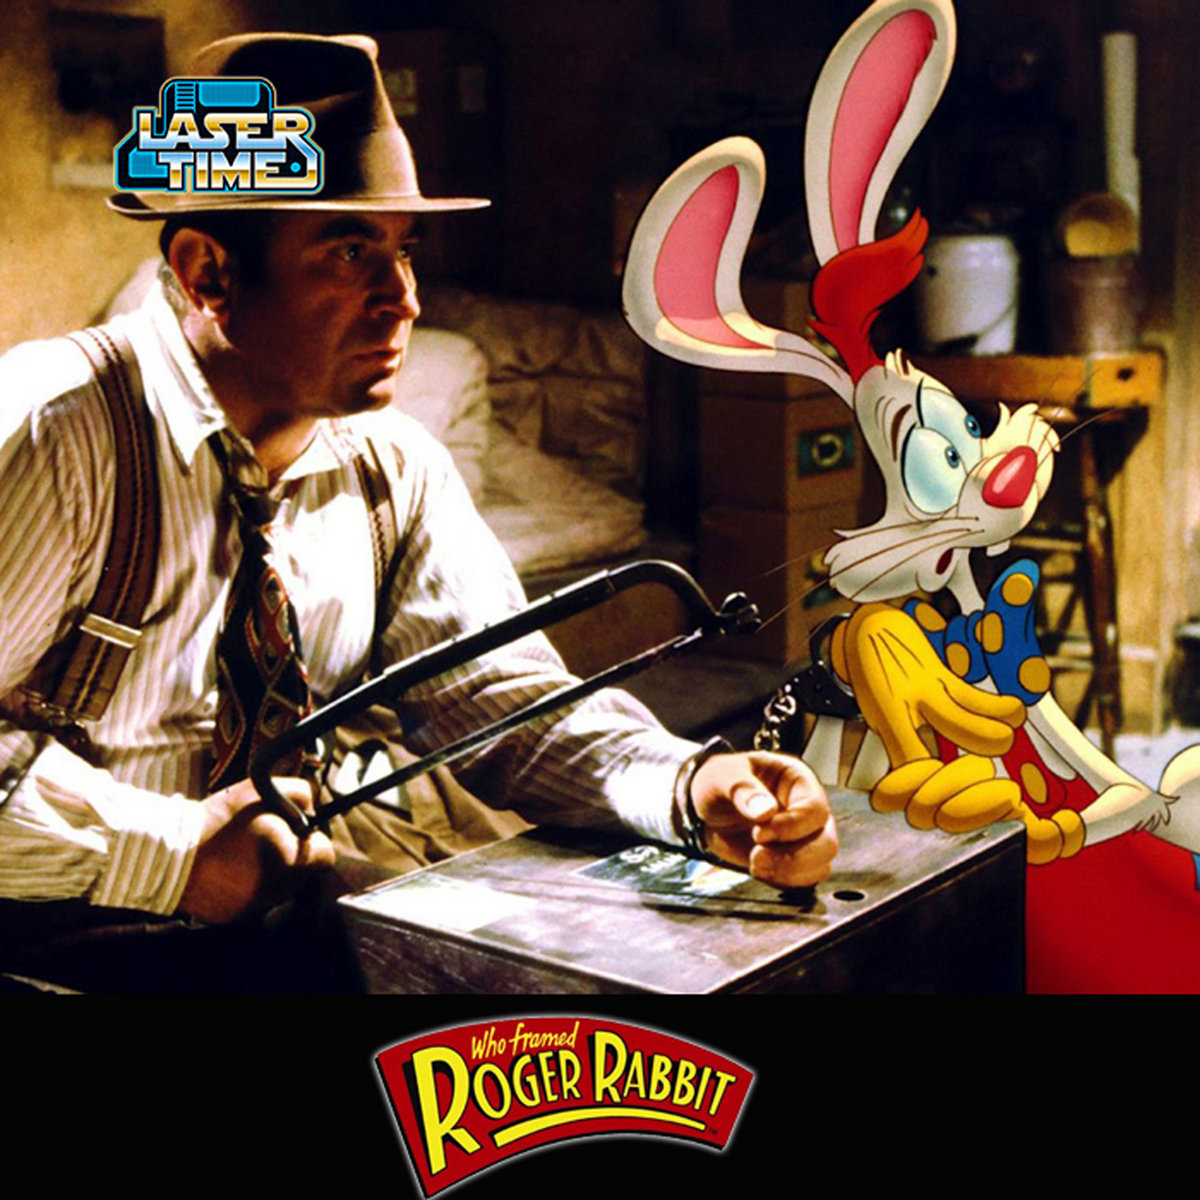 who framed roger rabbit commentary - Who Framed Roger Rabbit Soundtrack